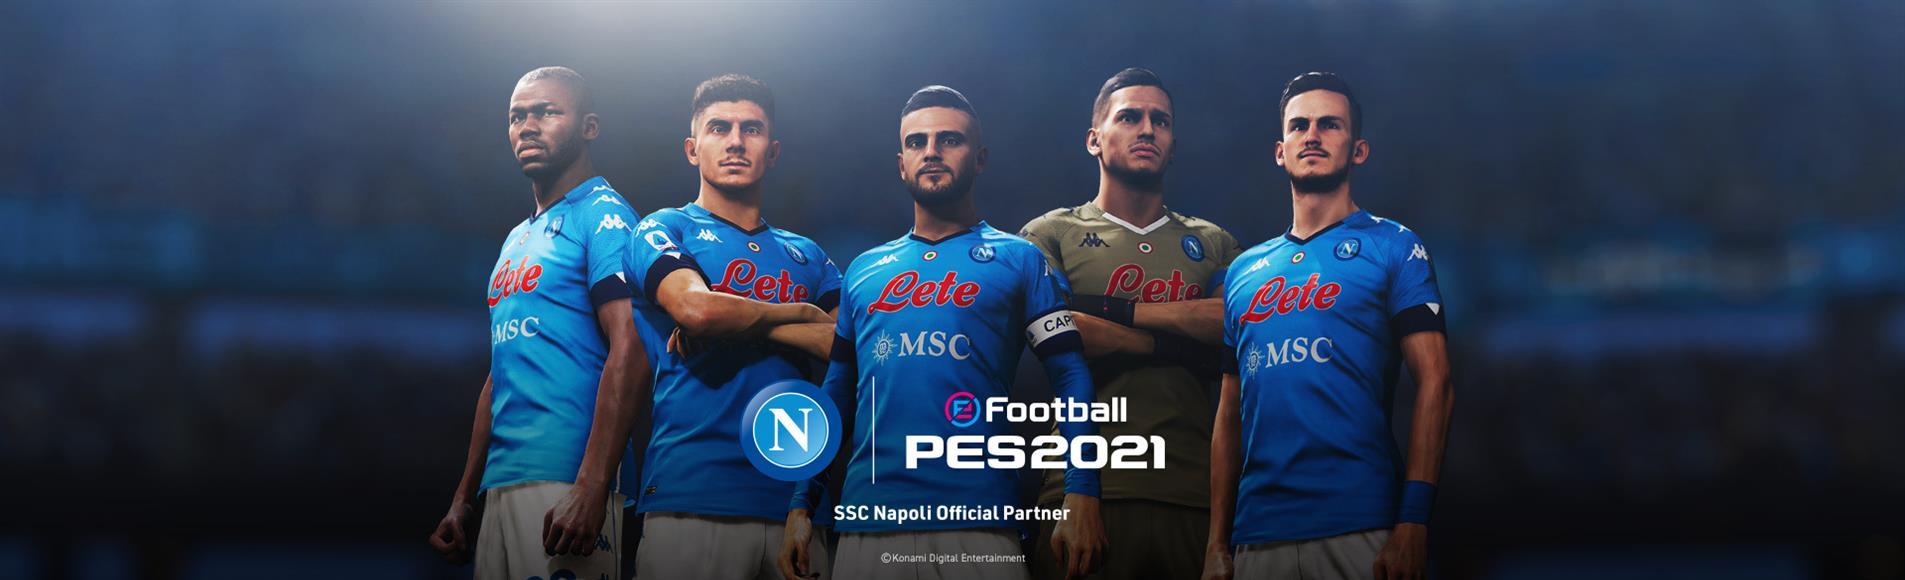 Konami anuncia parceria com o Napoli